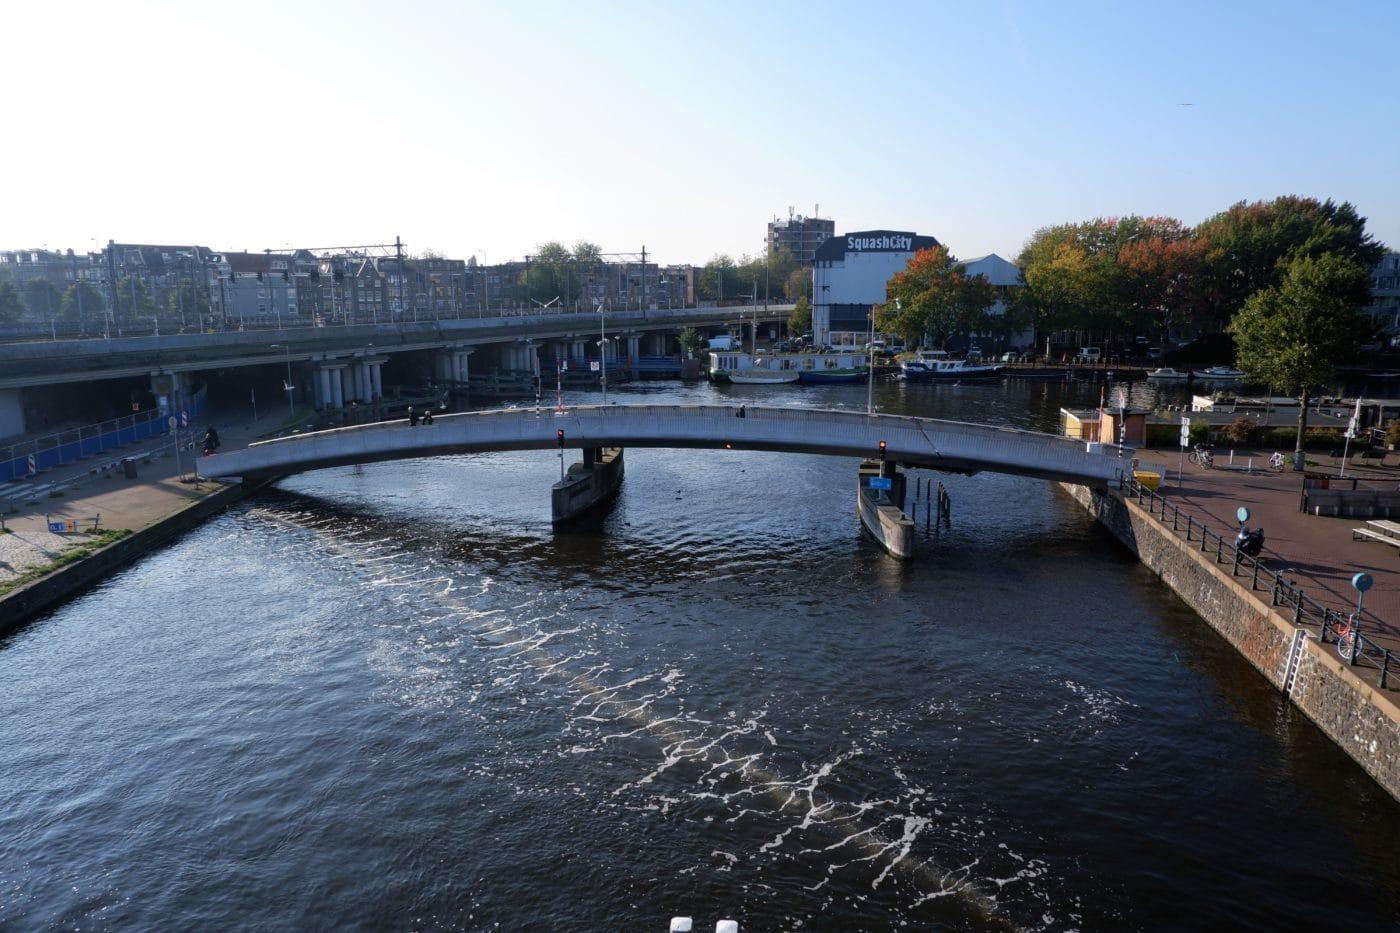 Amsterdam-Westerdok